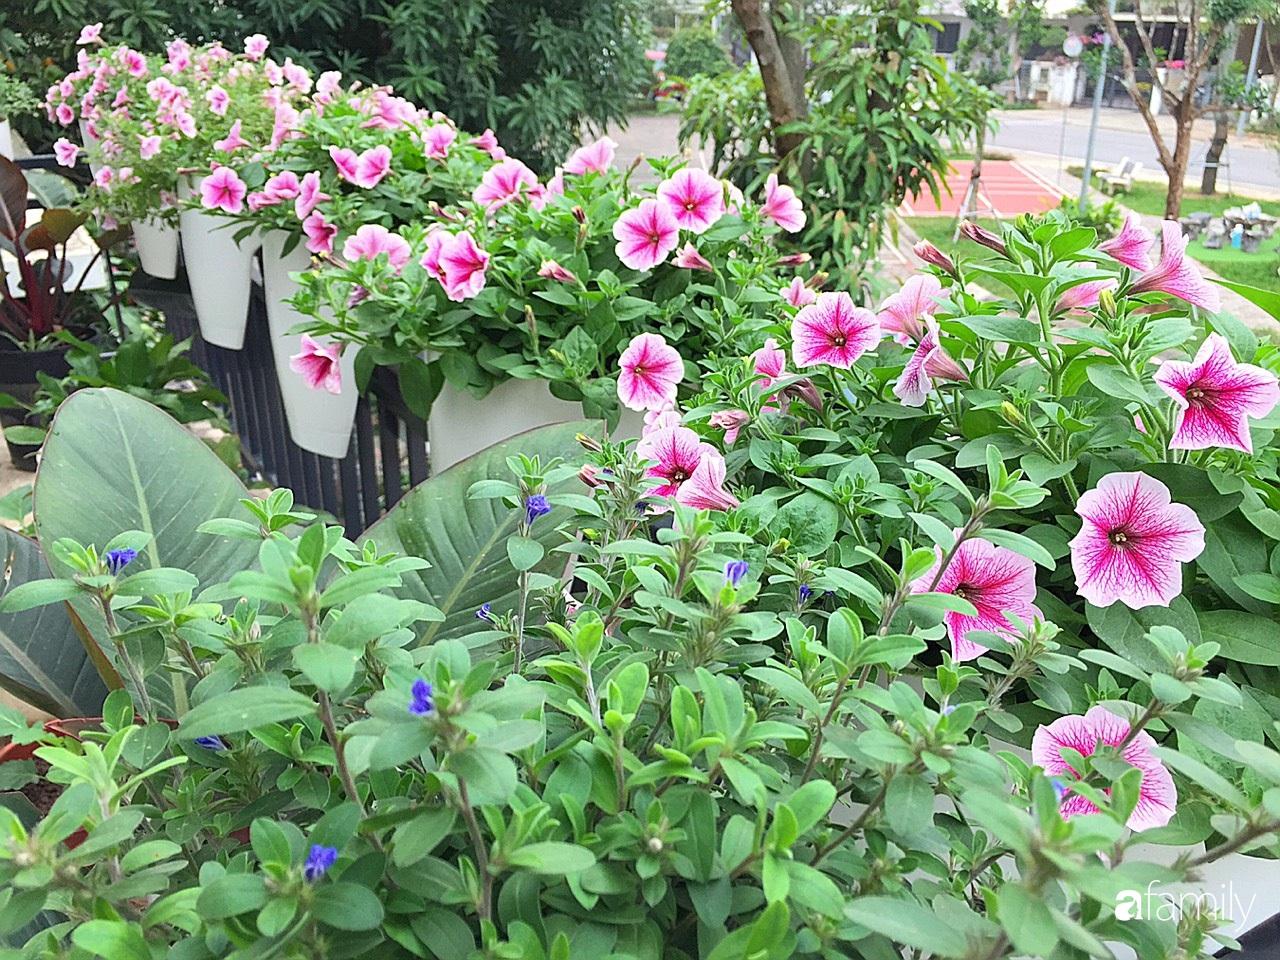 Không gian sống ngát hương bên khu vườn ngập tràn nắng ấm và rực rỡ sắc hoa ở Hà Nội - Ảnh 9.